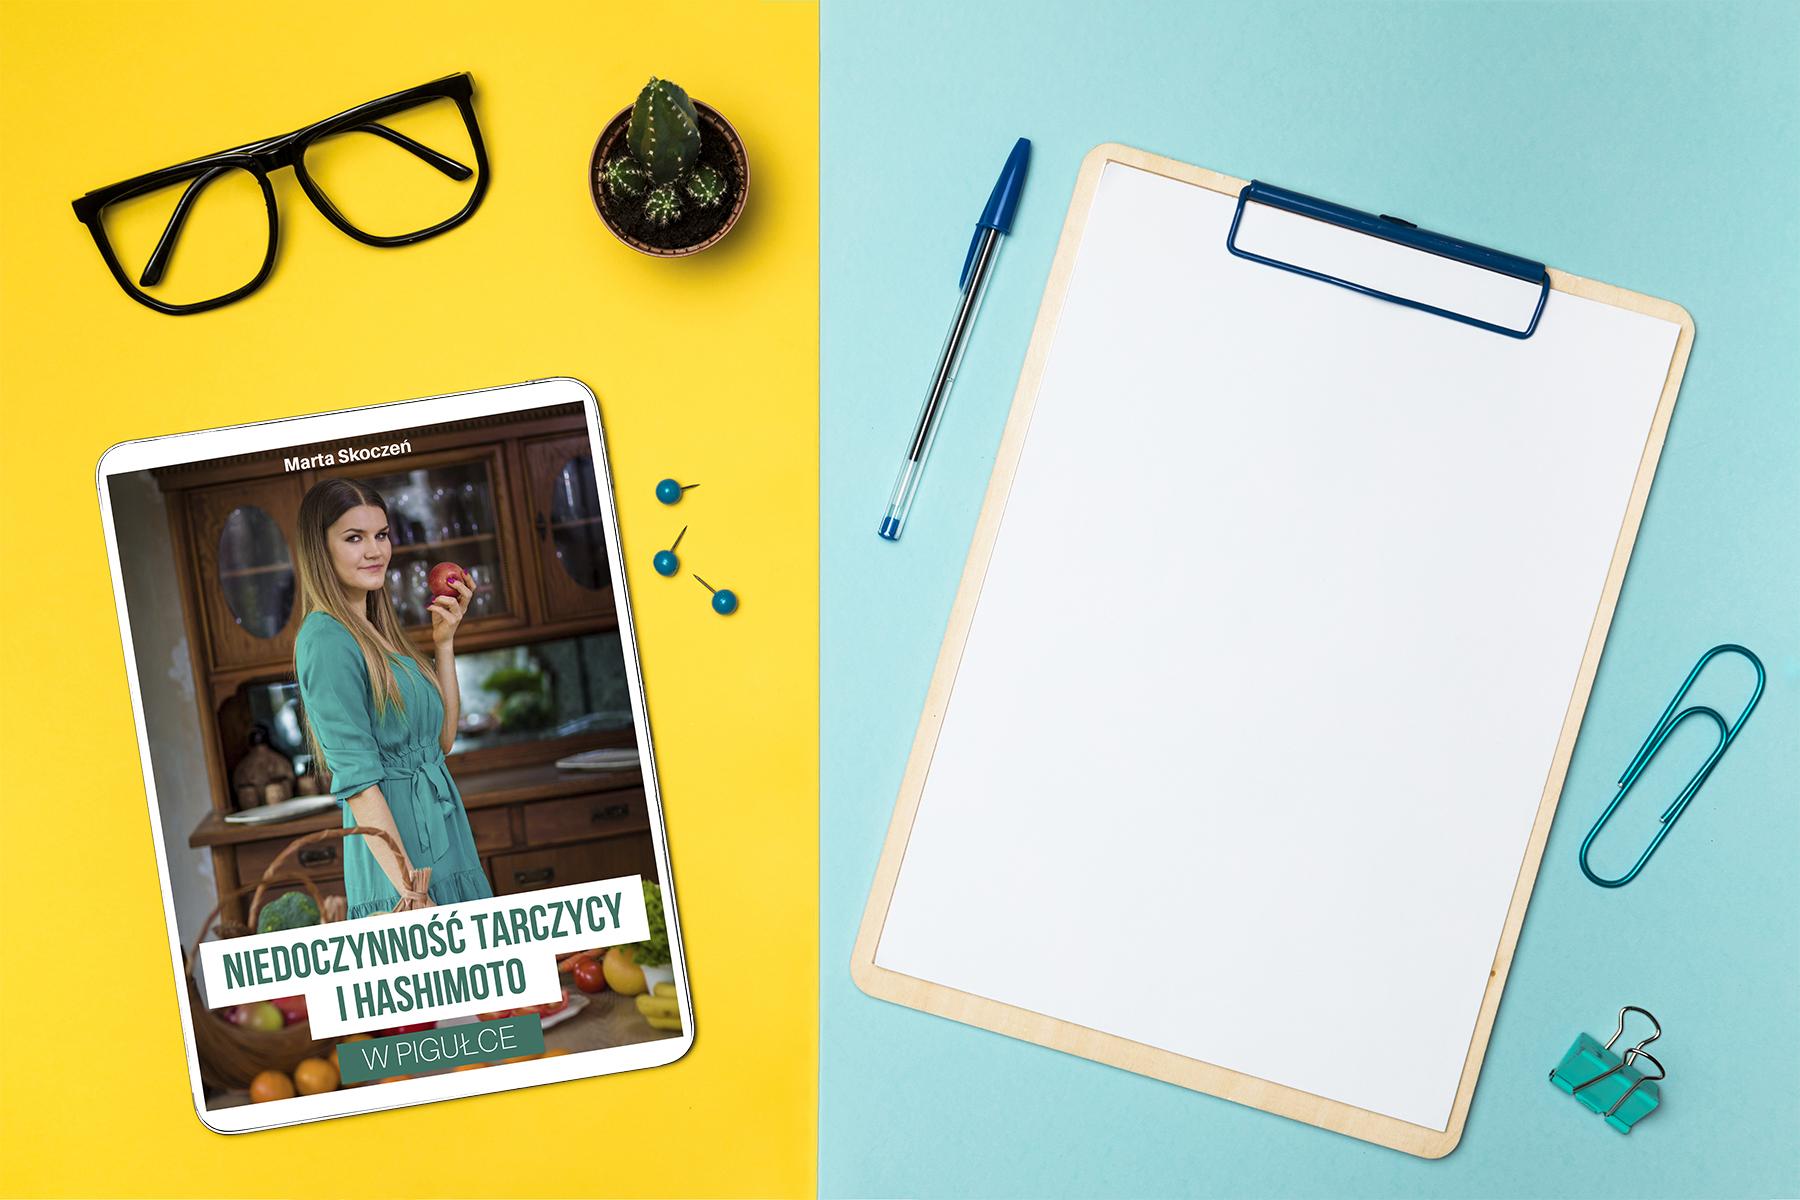 Jak się robi ebooka, projektowanie ebooka, skład ebooka - blog dla przedsiębiorczych kobiet, kobieca marka, Kobieca Strona Biznesu, Karolina Kołodziejczyk